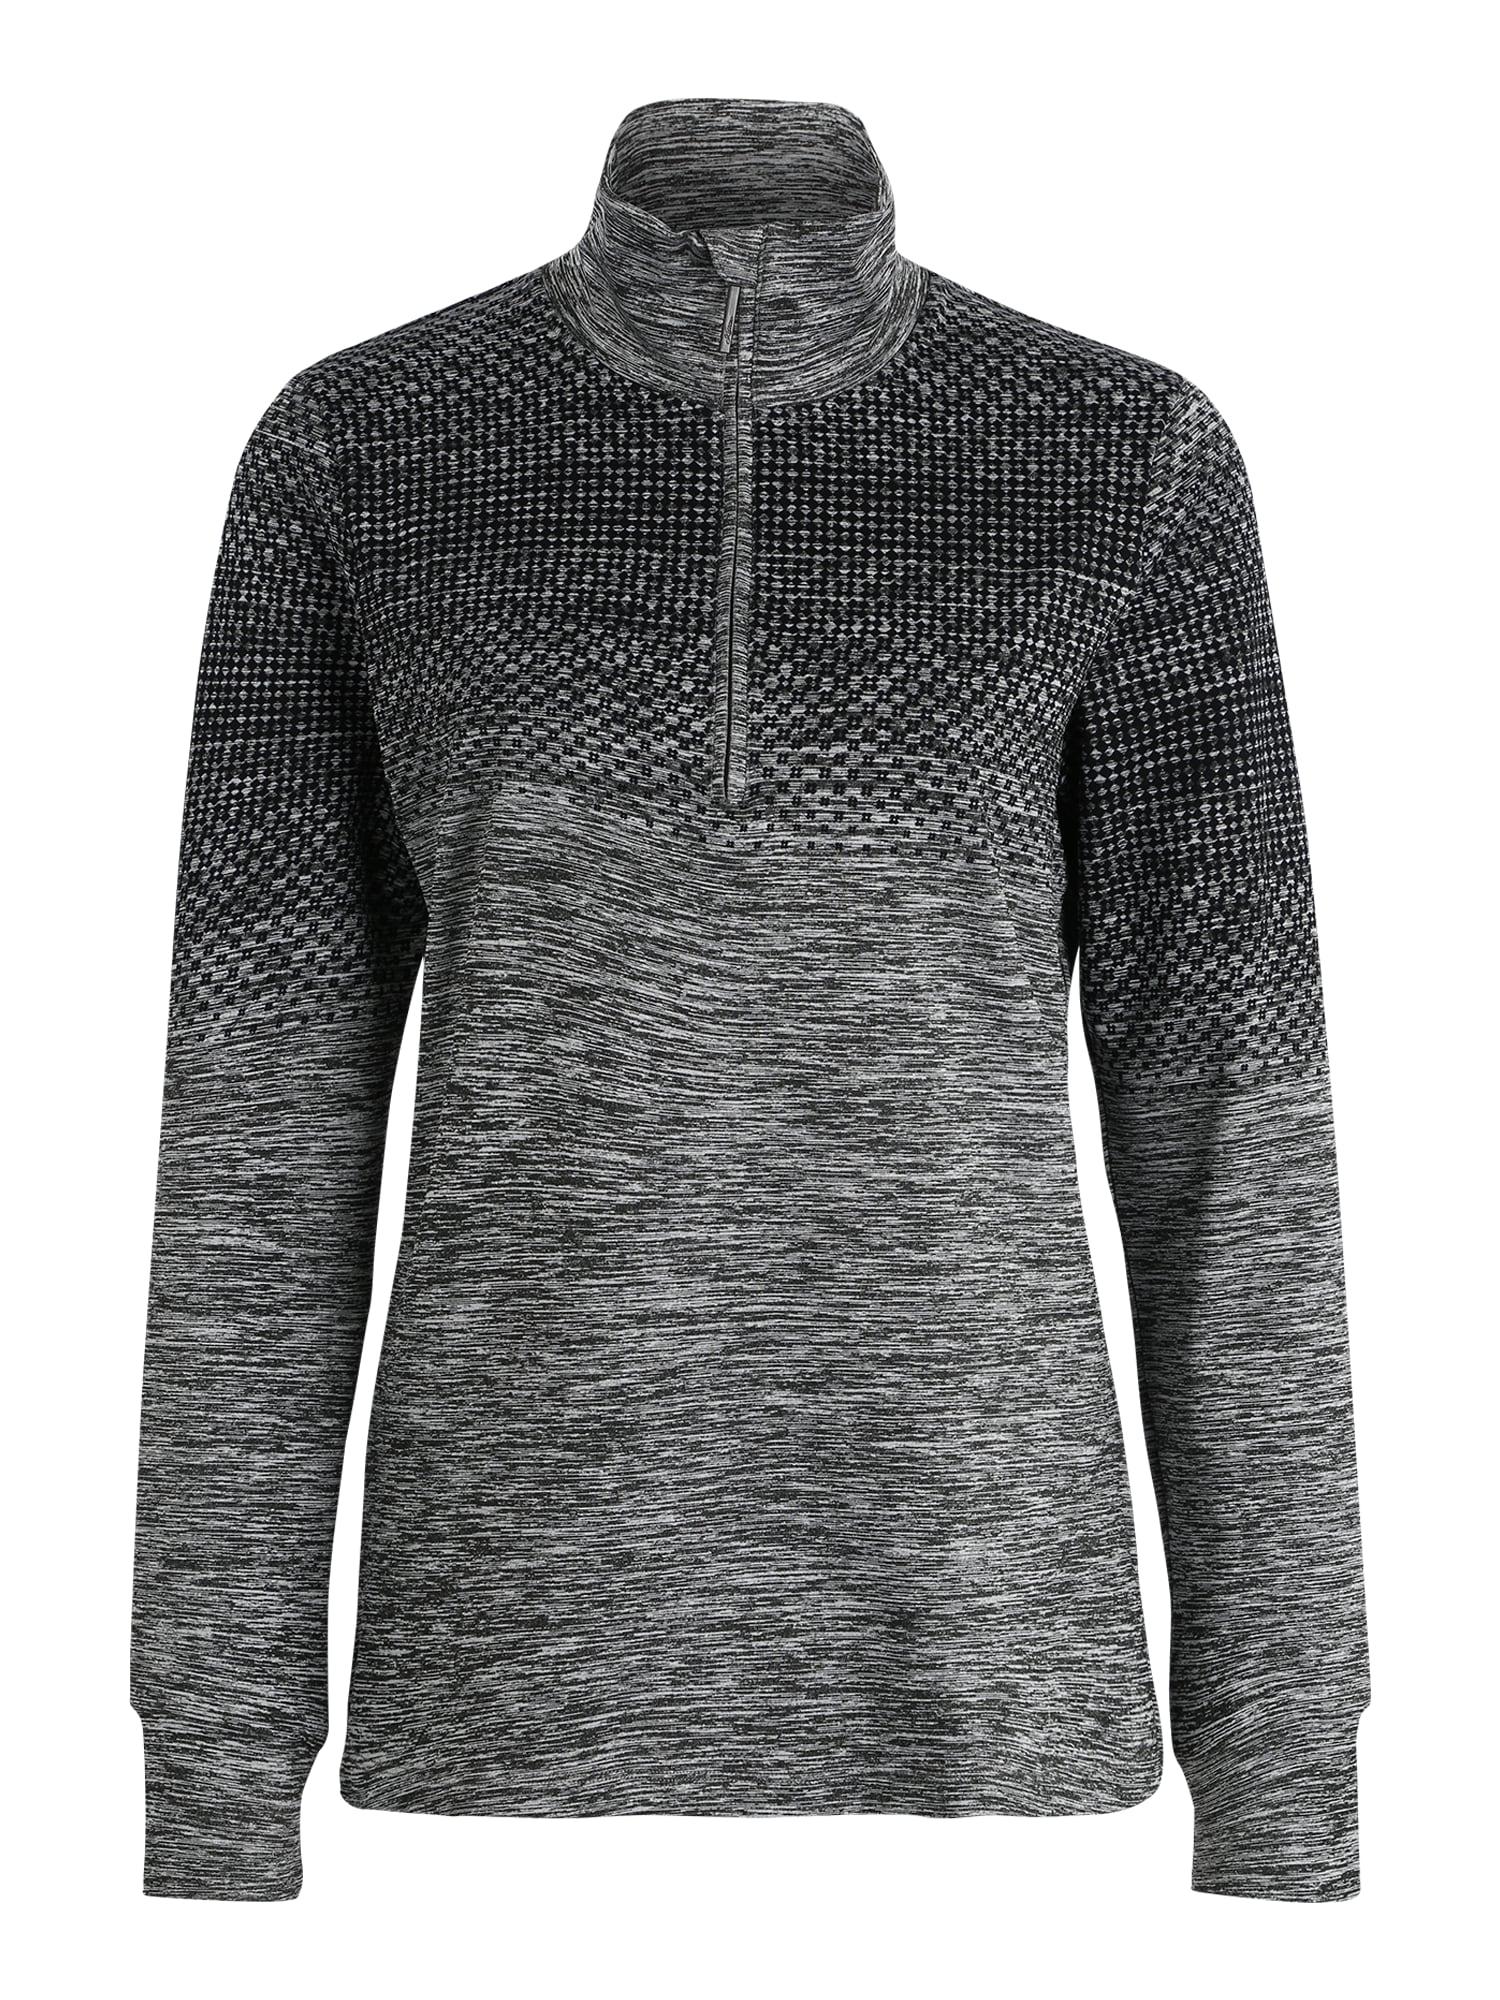 Sport-Sweatshirt 'Ceylin' | Sportbekleidung > Sportshirts | Killtec